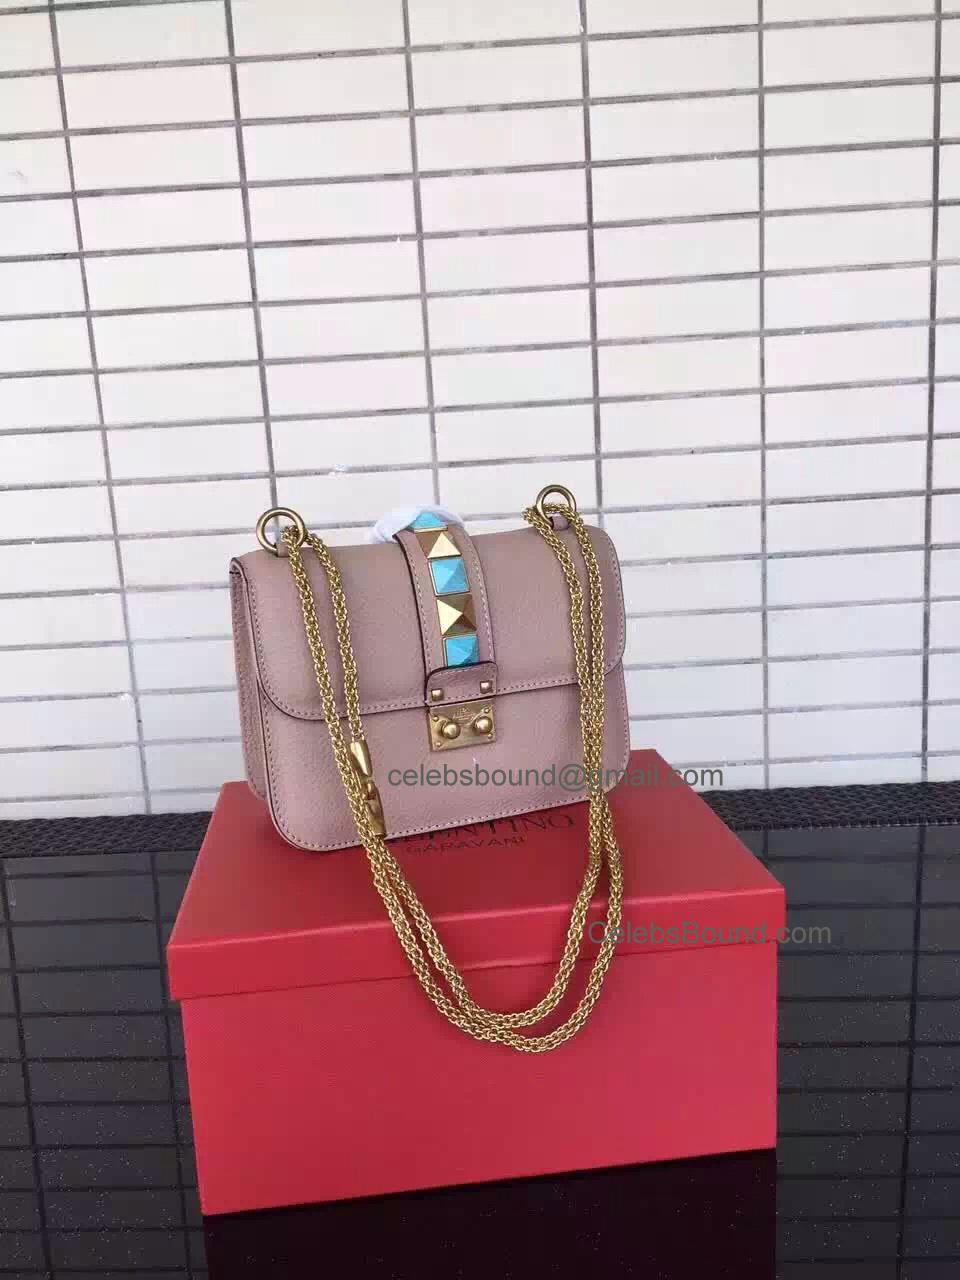 0bafa292b Replica Valentino Garavani Skin Color Small Chain Cross Body Bag Antique  Gold